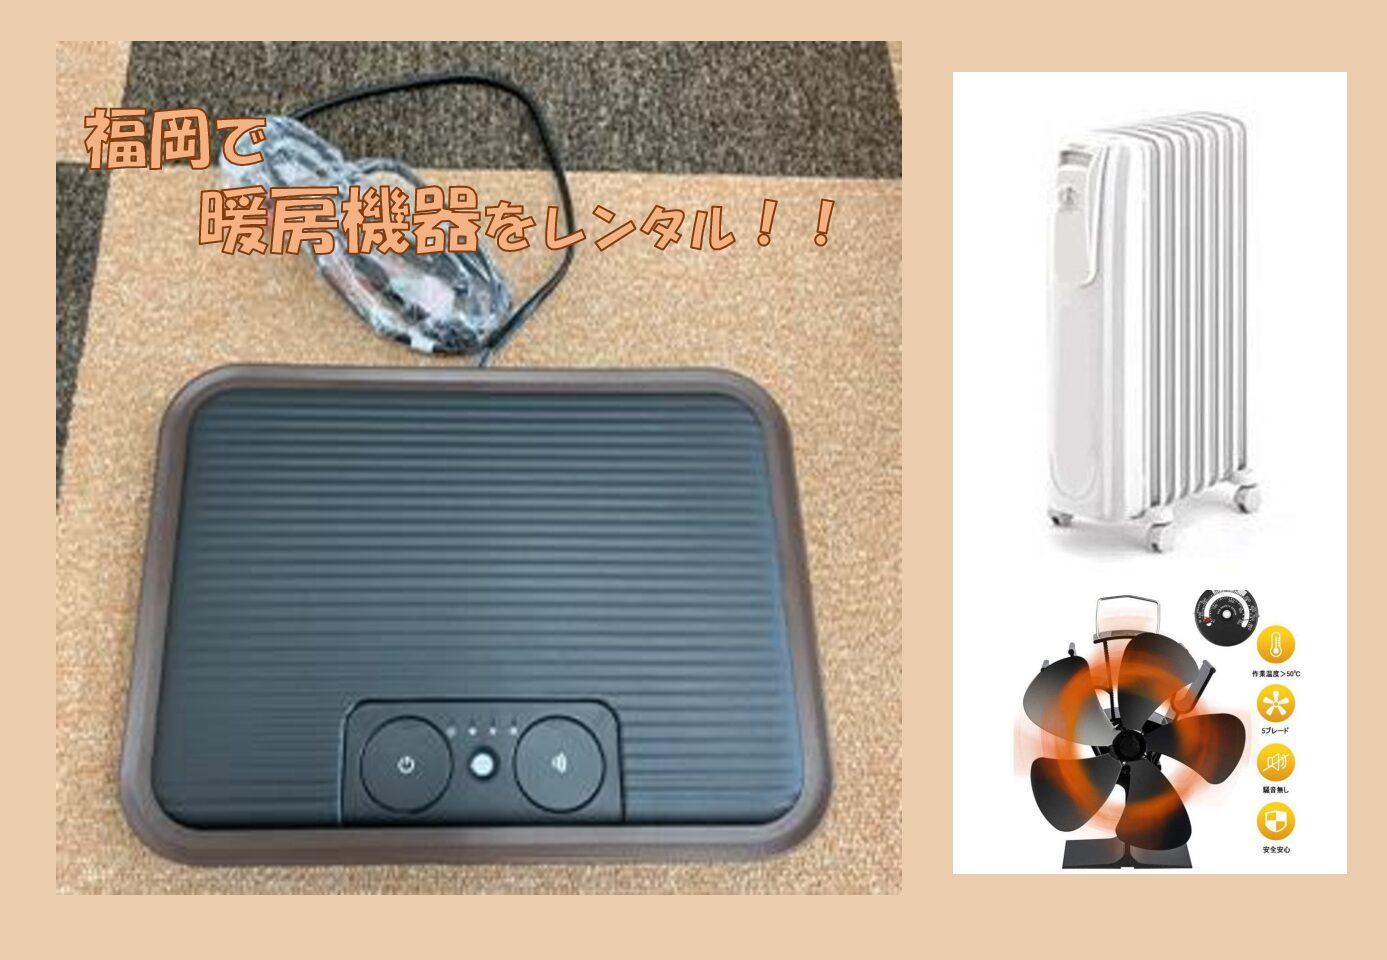 まだまだ寒い冬に必須!暖房機器を福岡でレンタル!